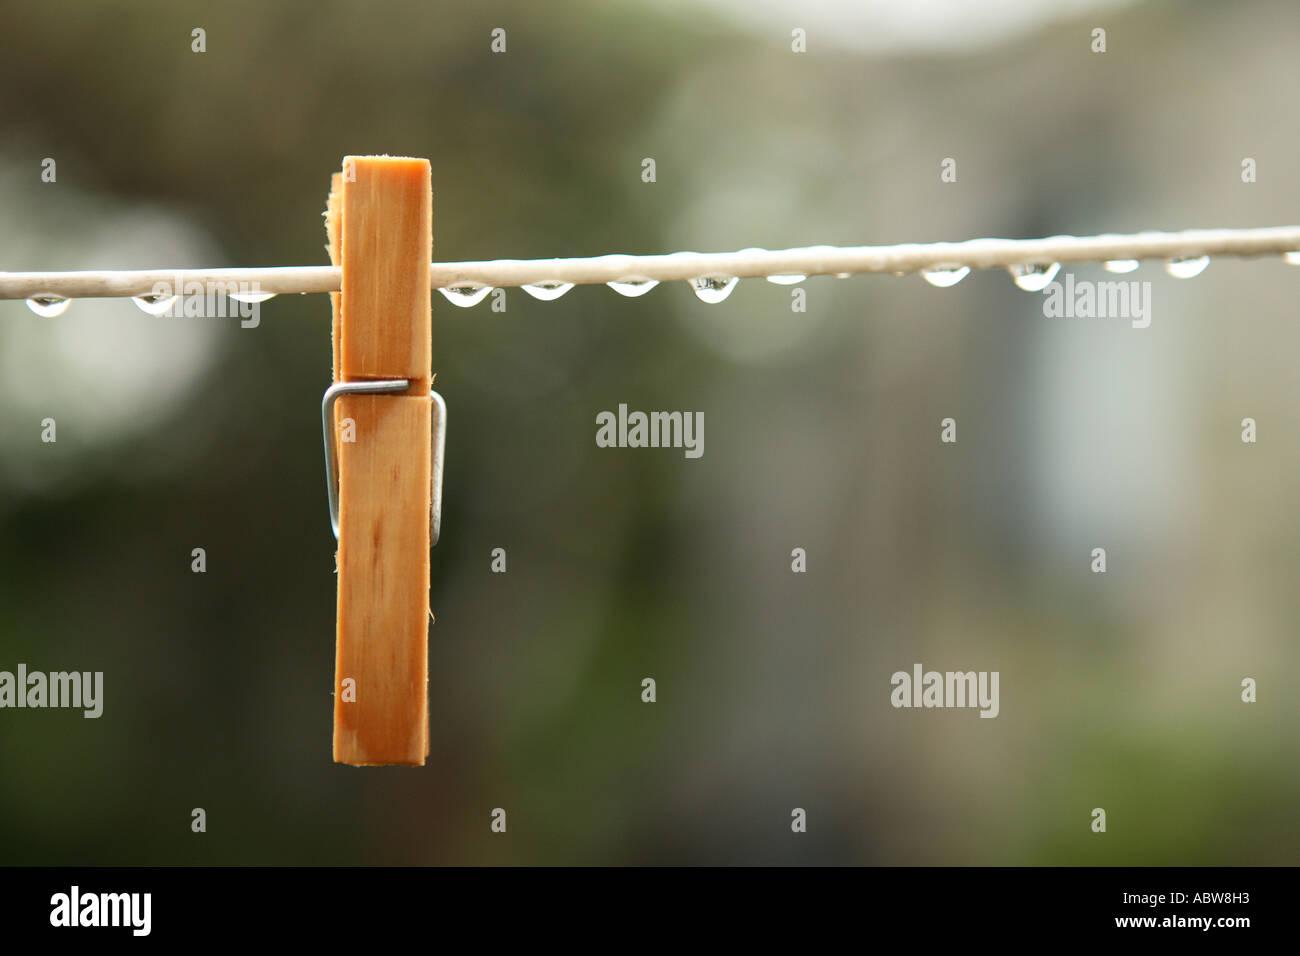 Rainy day. Stock Photo